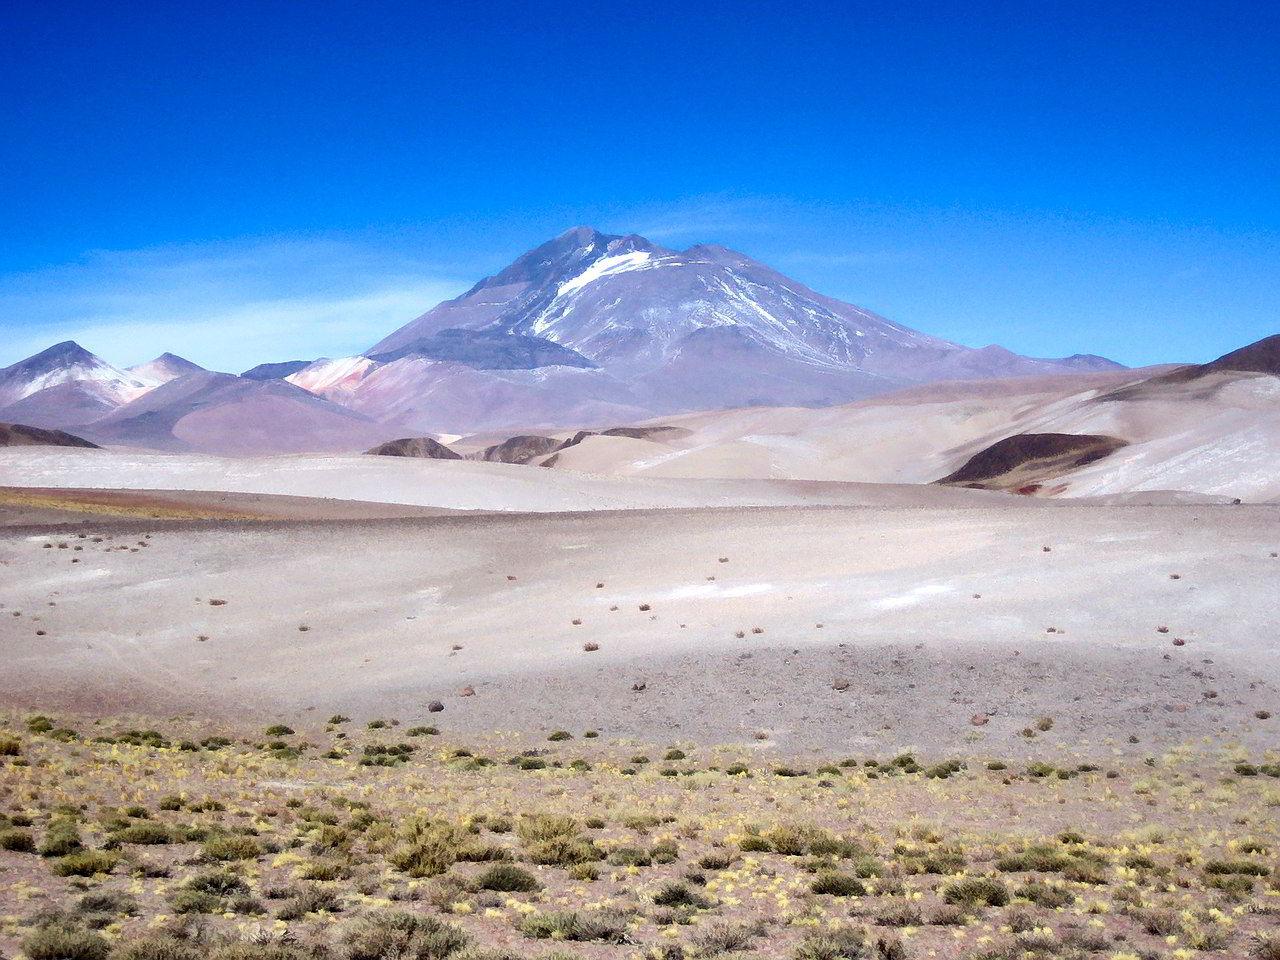 Volcán Llullaillaco